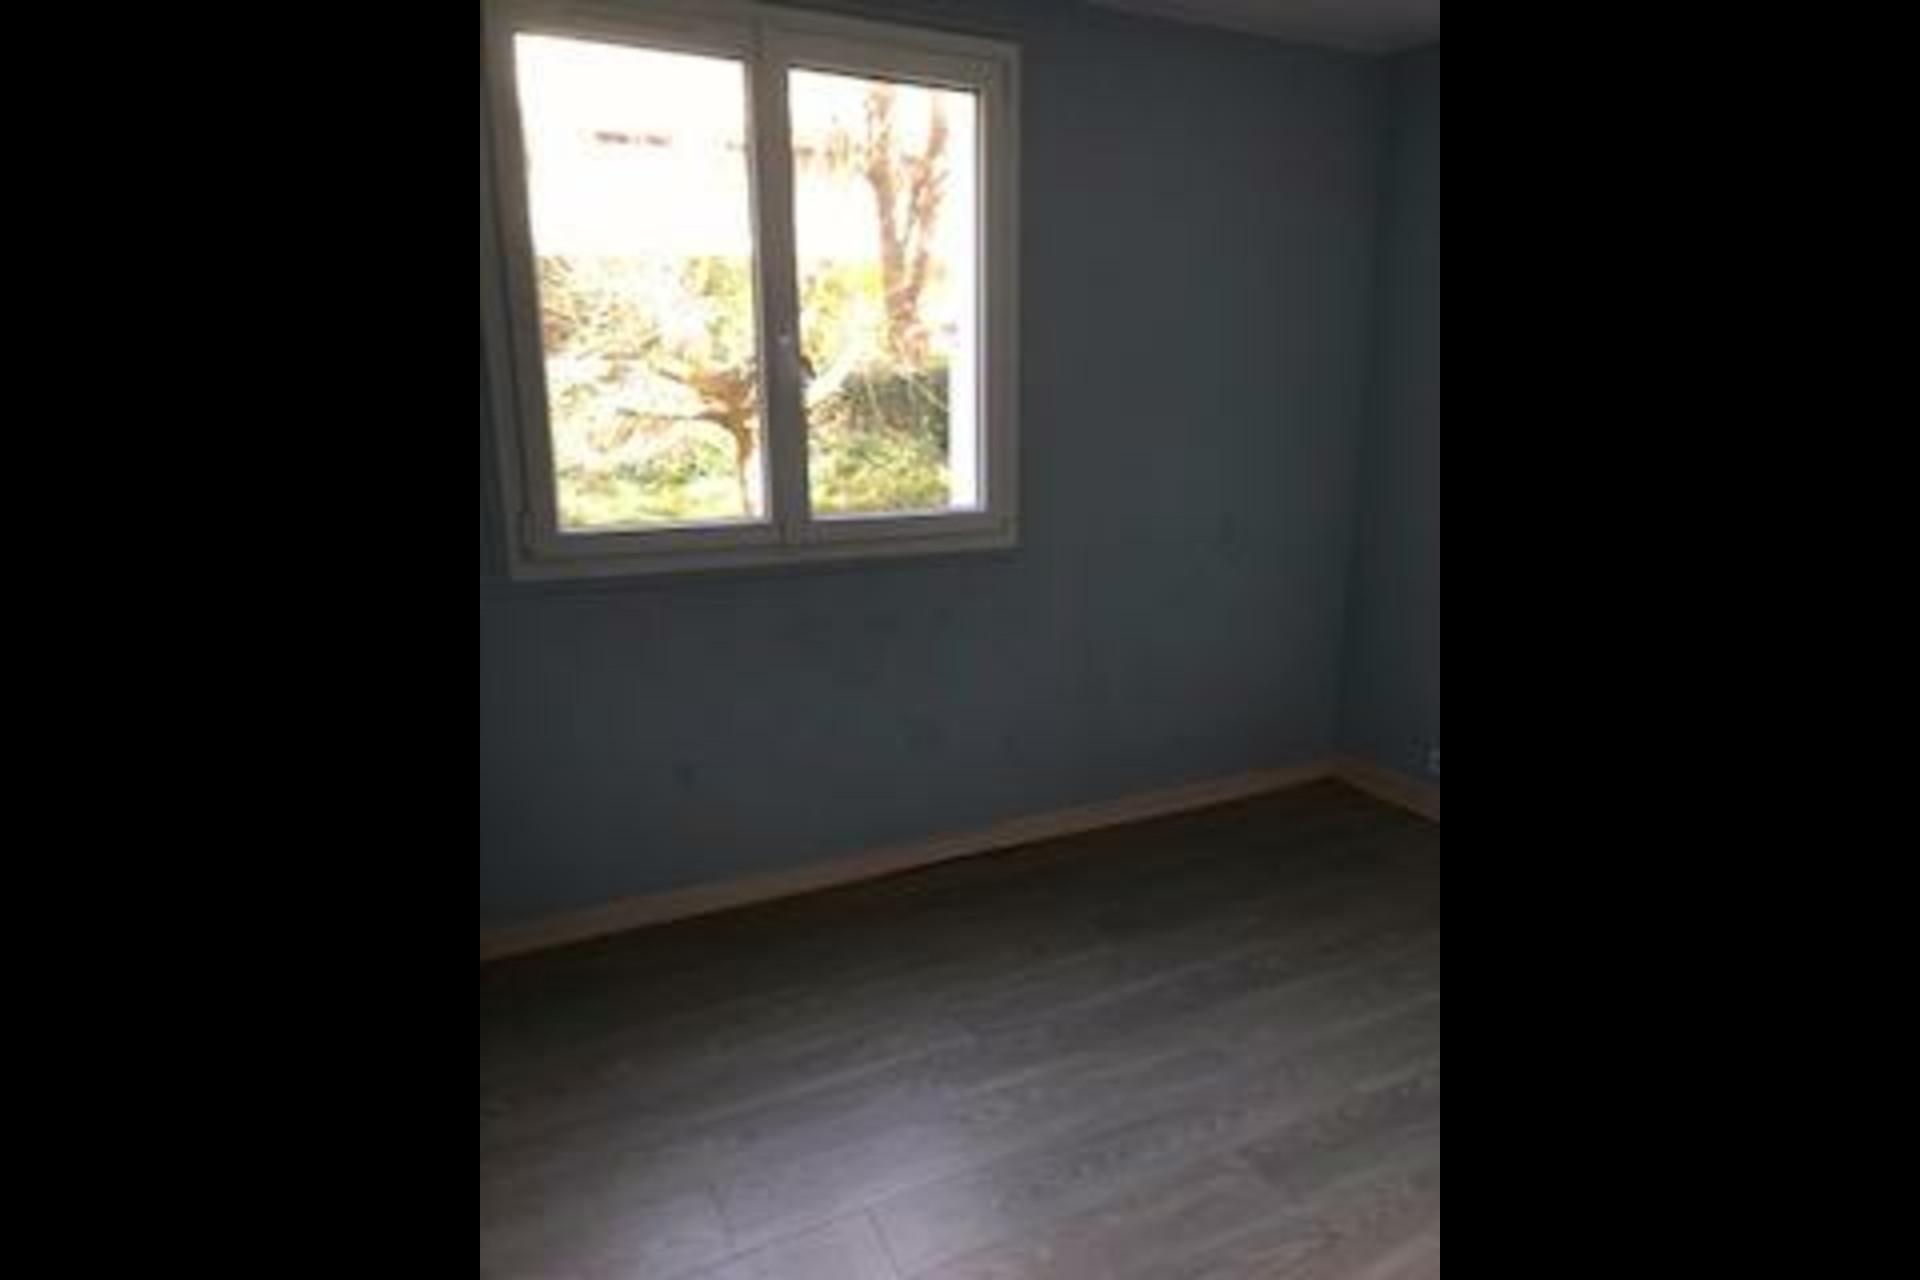 image 9 - Apartment For rent saint germain en laye - 3 rooms